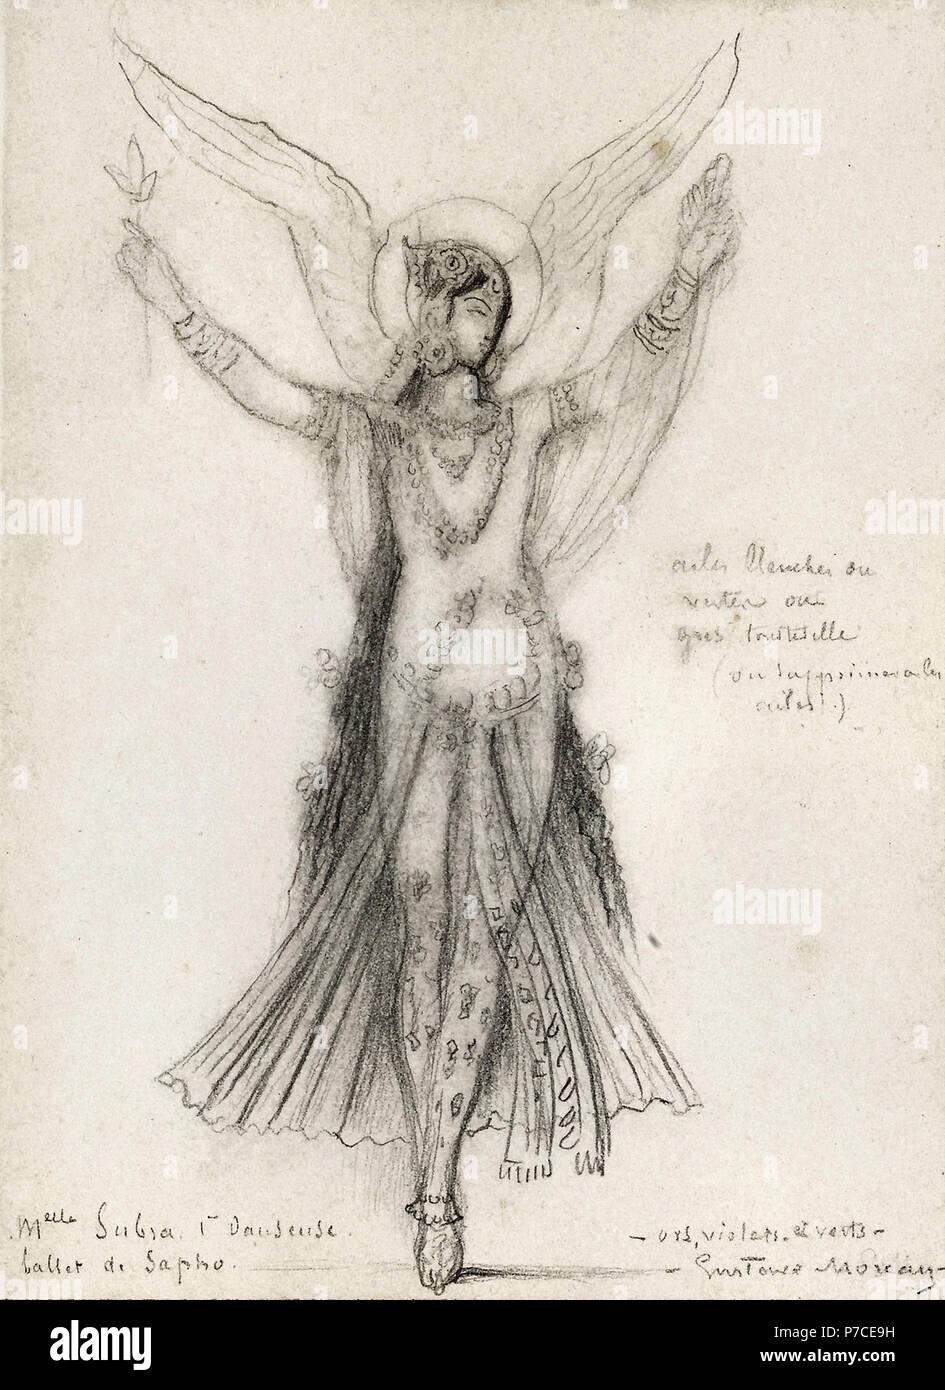 Moreau  Gustave - Première Danseuse Mademoiselle Subra - Ballet De Sapho - Stock Image